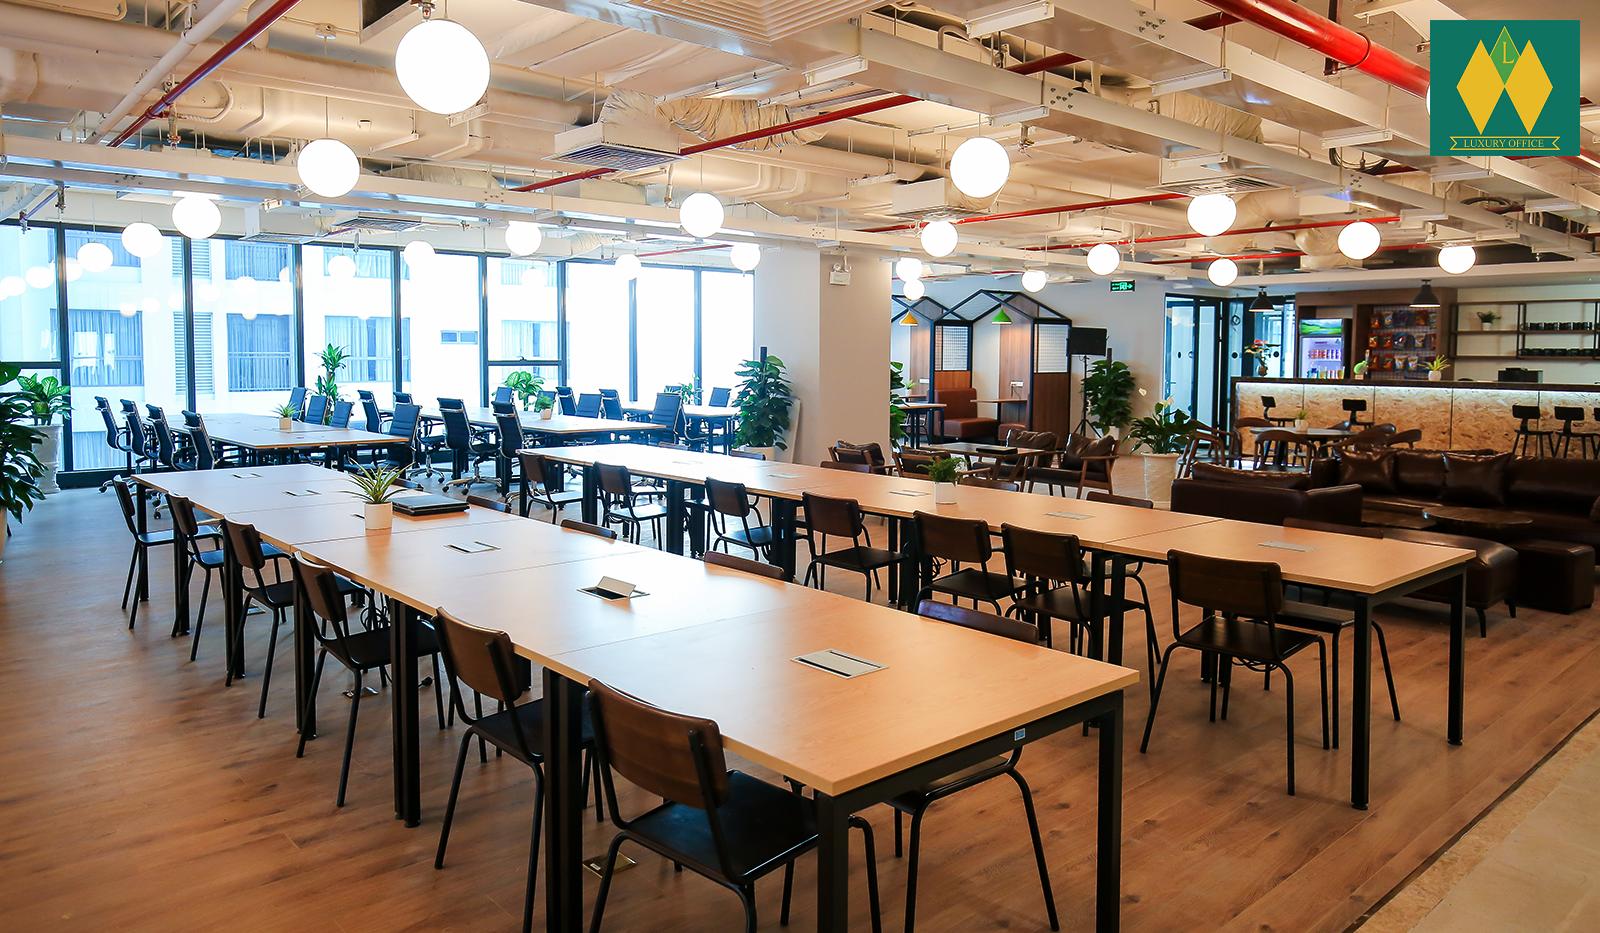 CoWorking Space, mô hình văn phòng làm việc mới với tốc độ tăng trưởng như vũ bão tại Việt Nam!